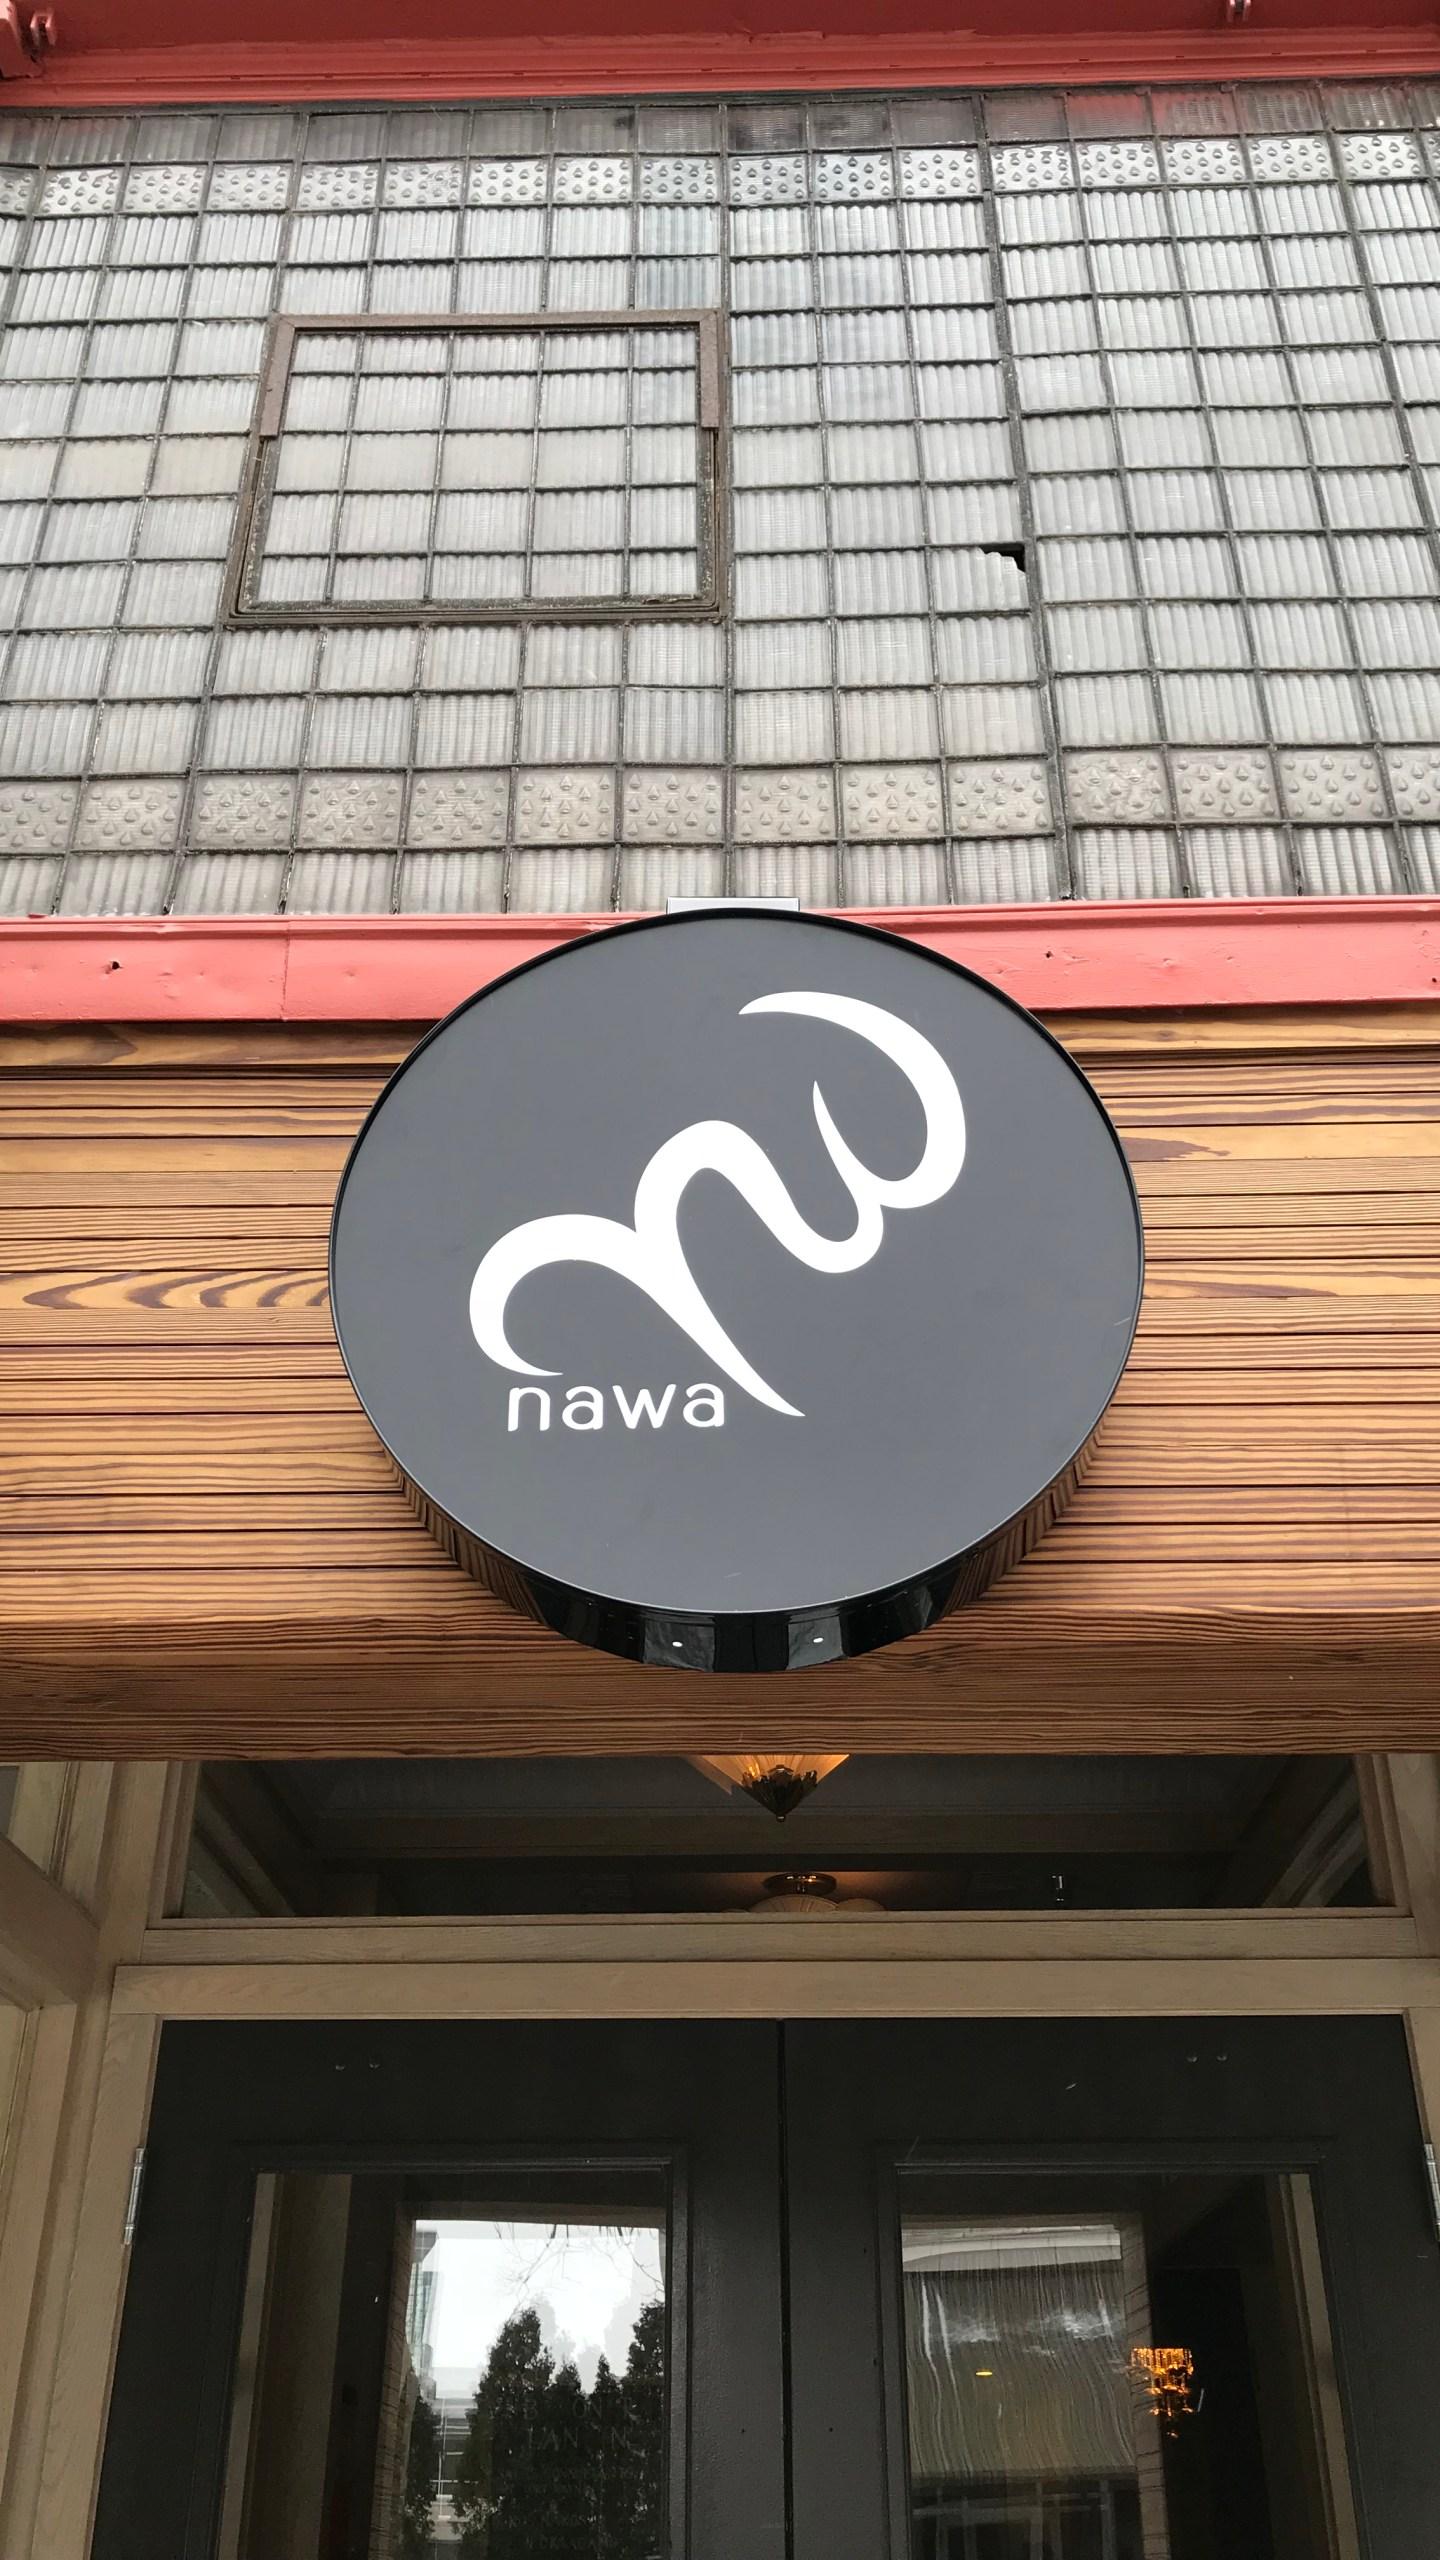 Nawa_305073